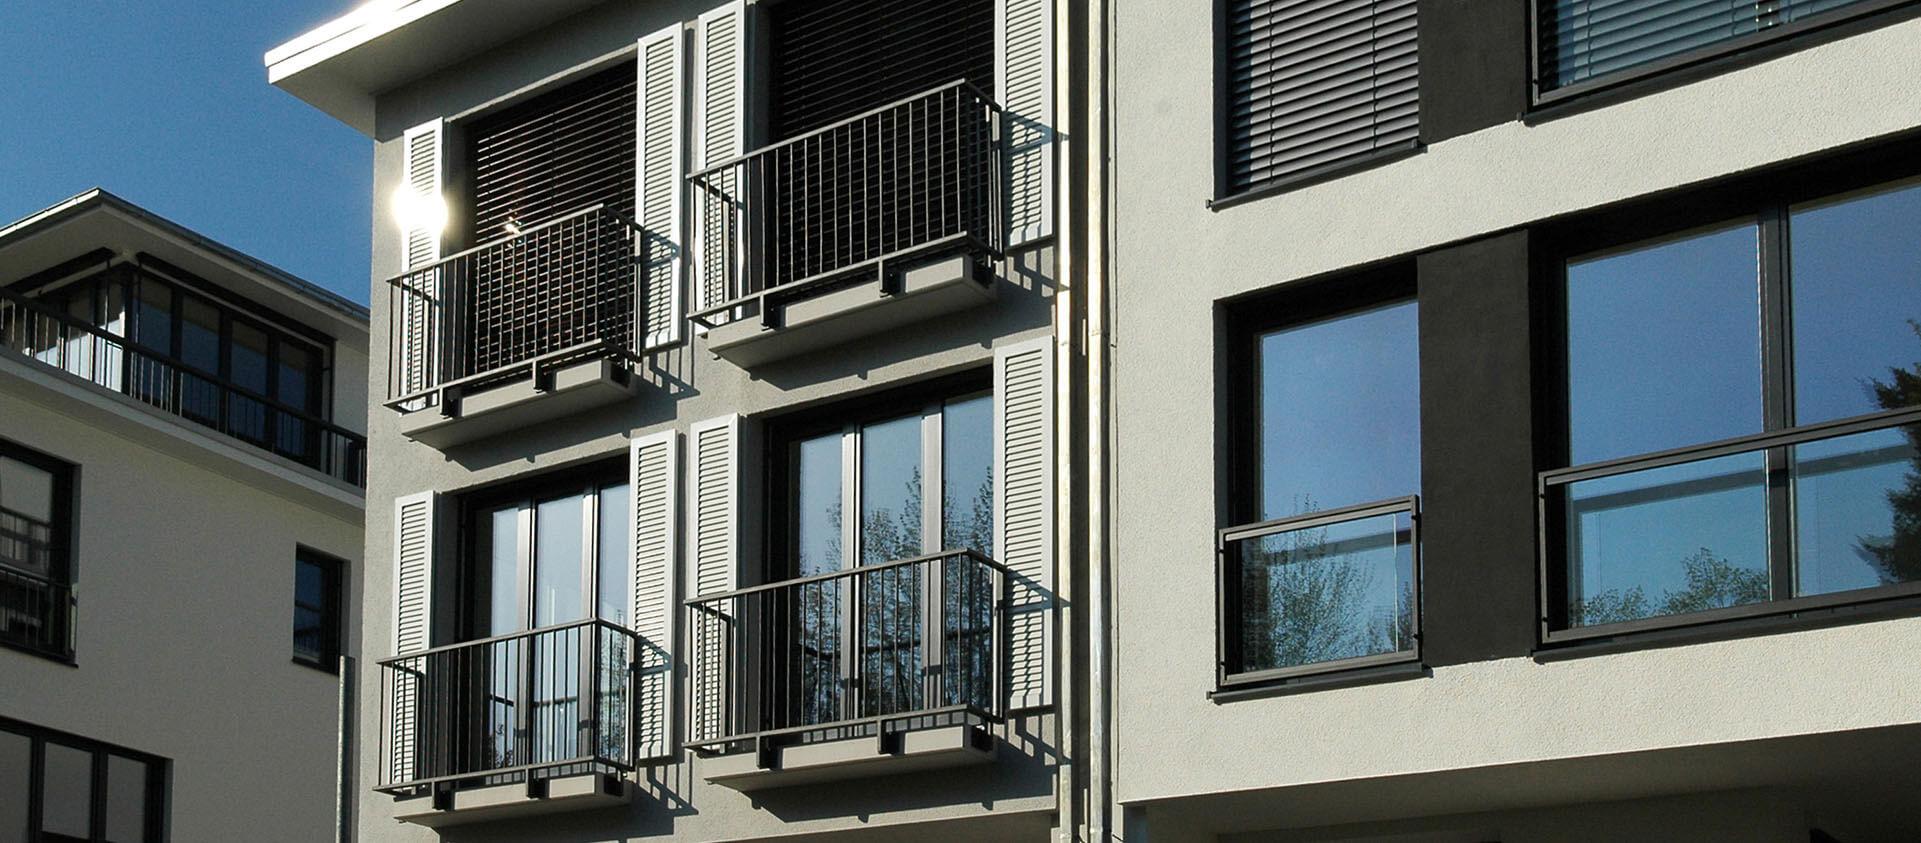 Einzelnes Townhouse mit französischem Balkon in Bad Soden, Architektur und Projektplanung Eberhard Horn Designgruppe